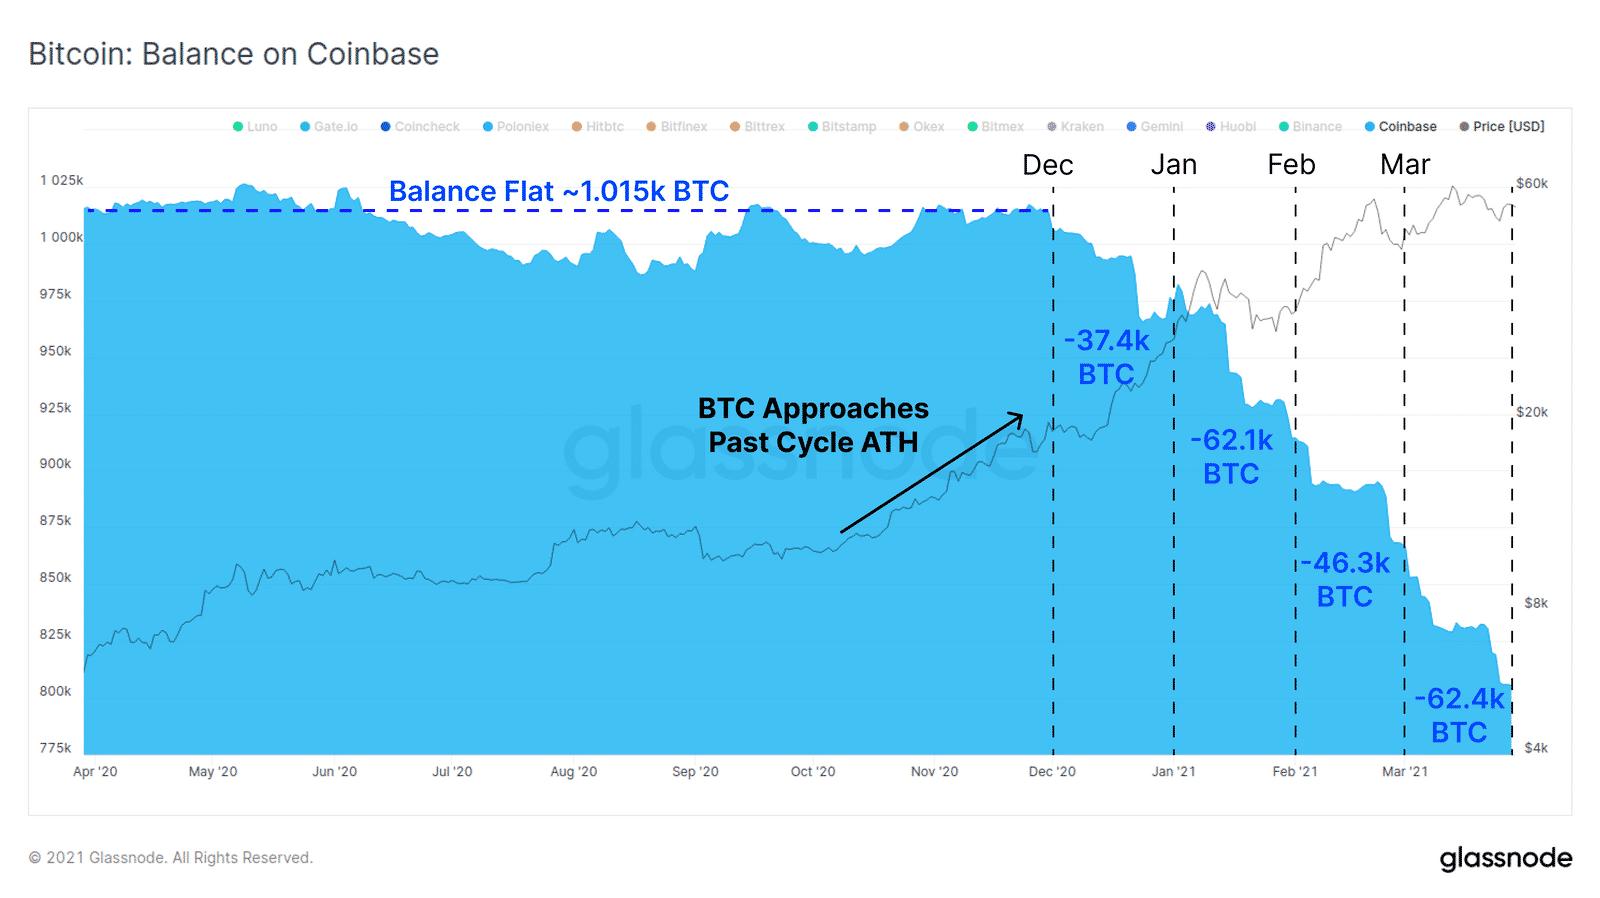 Dưới đây là biểu đồ về số dư BTC trên Coinbase trong năm qua.